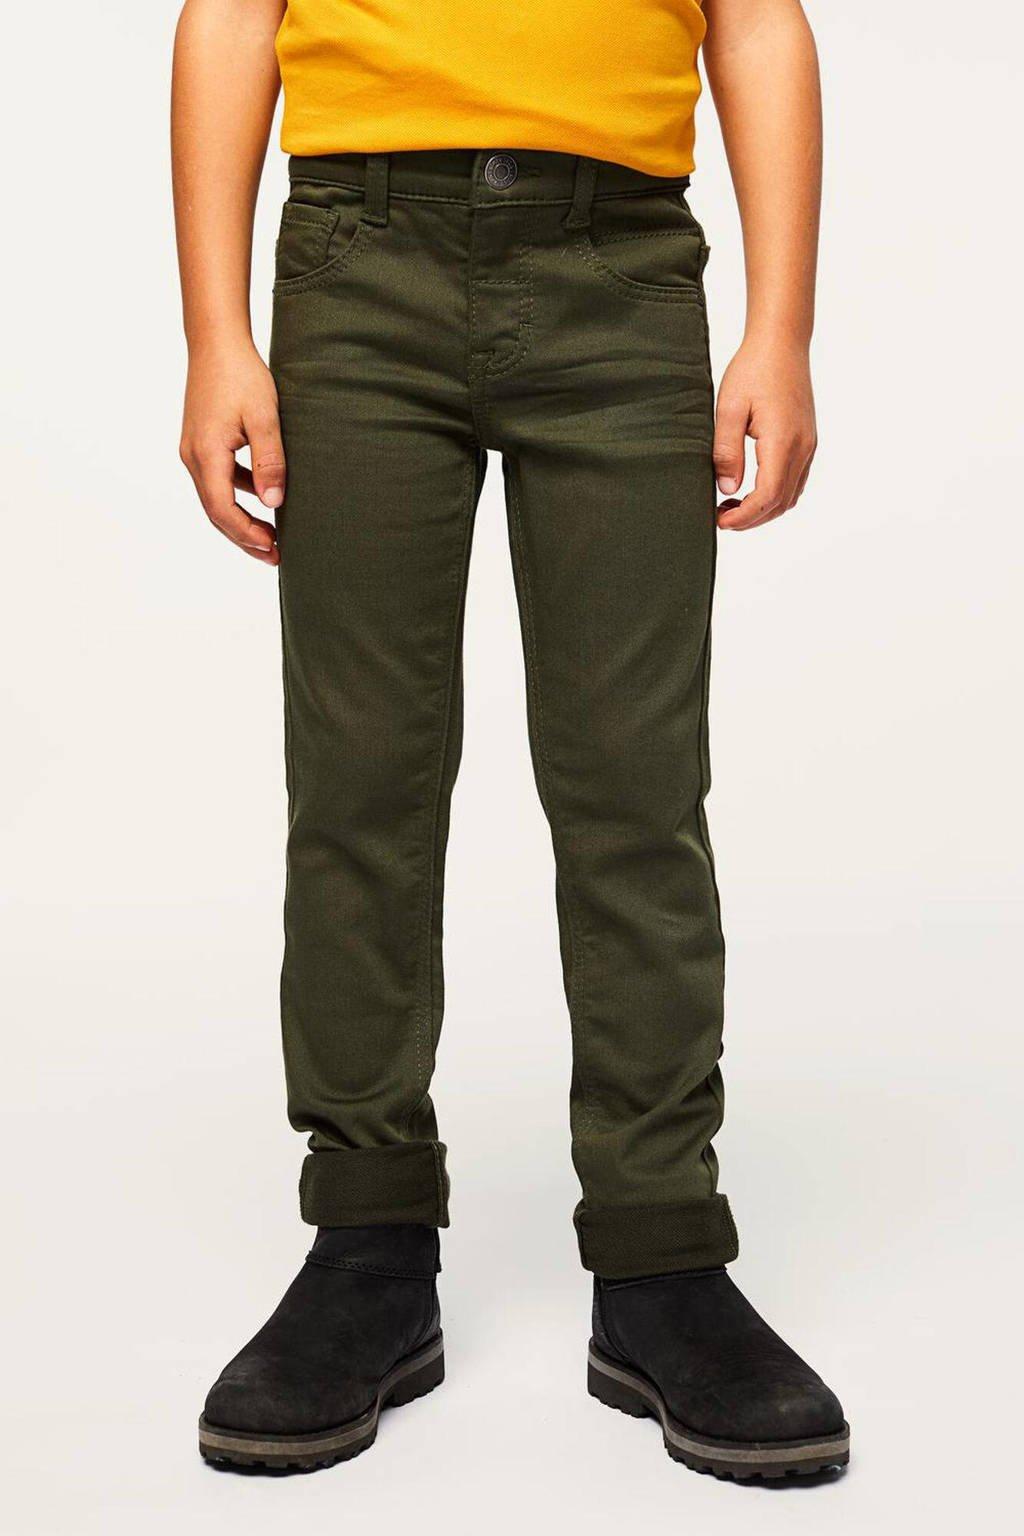 HEMA skinny broek Pax groen, Groen